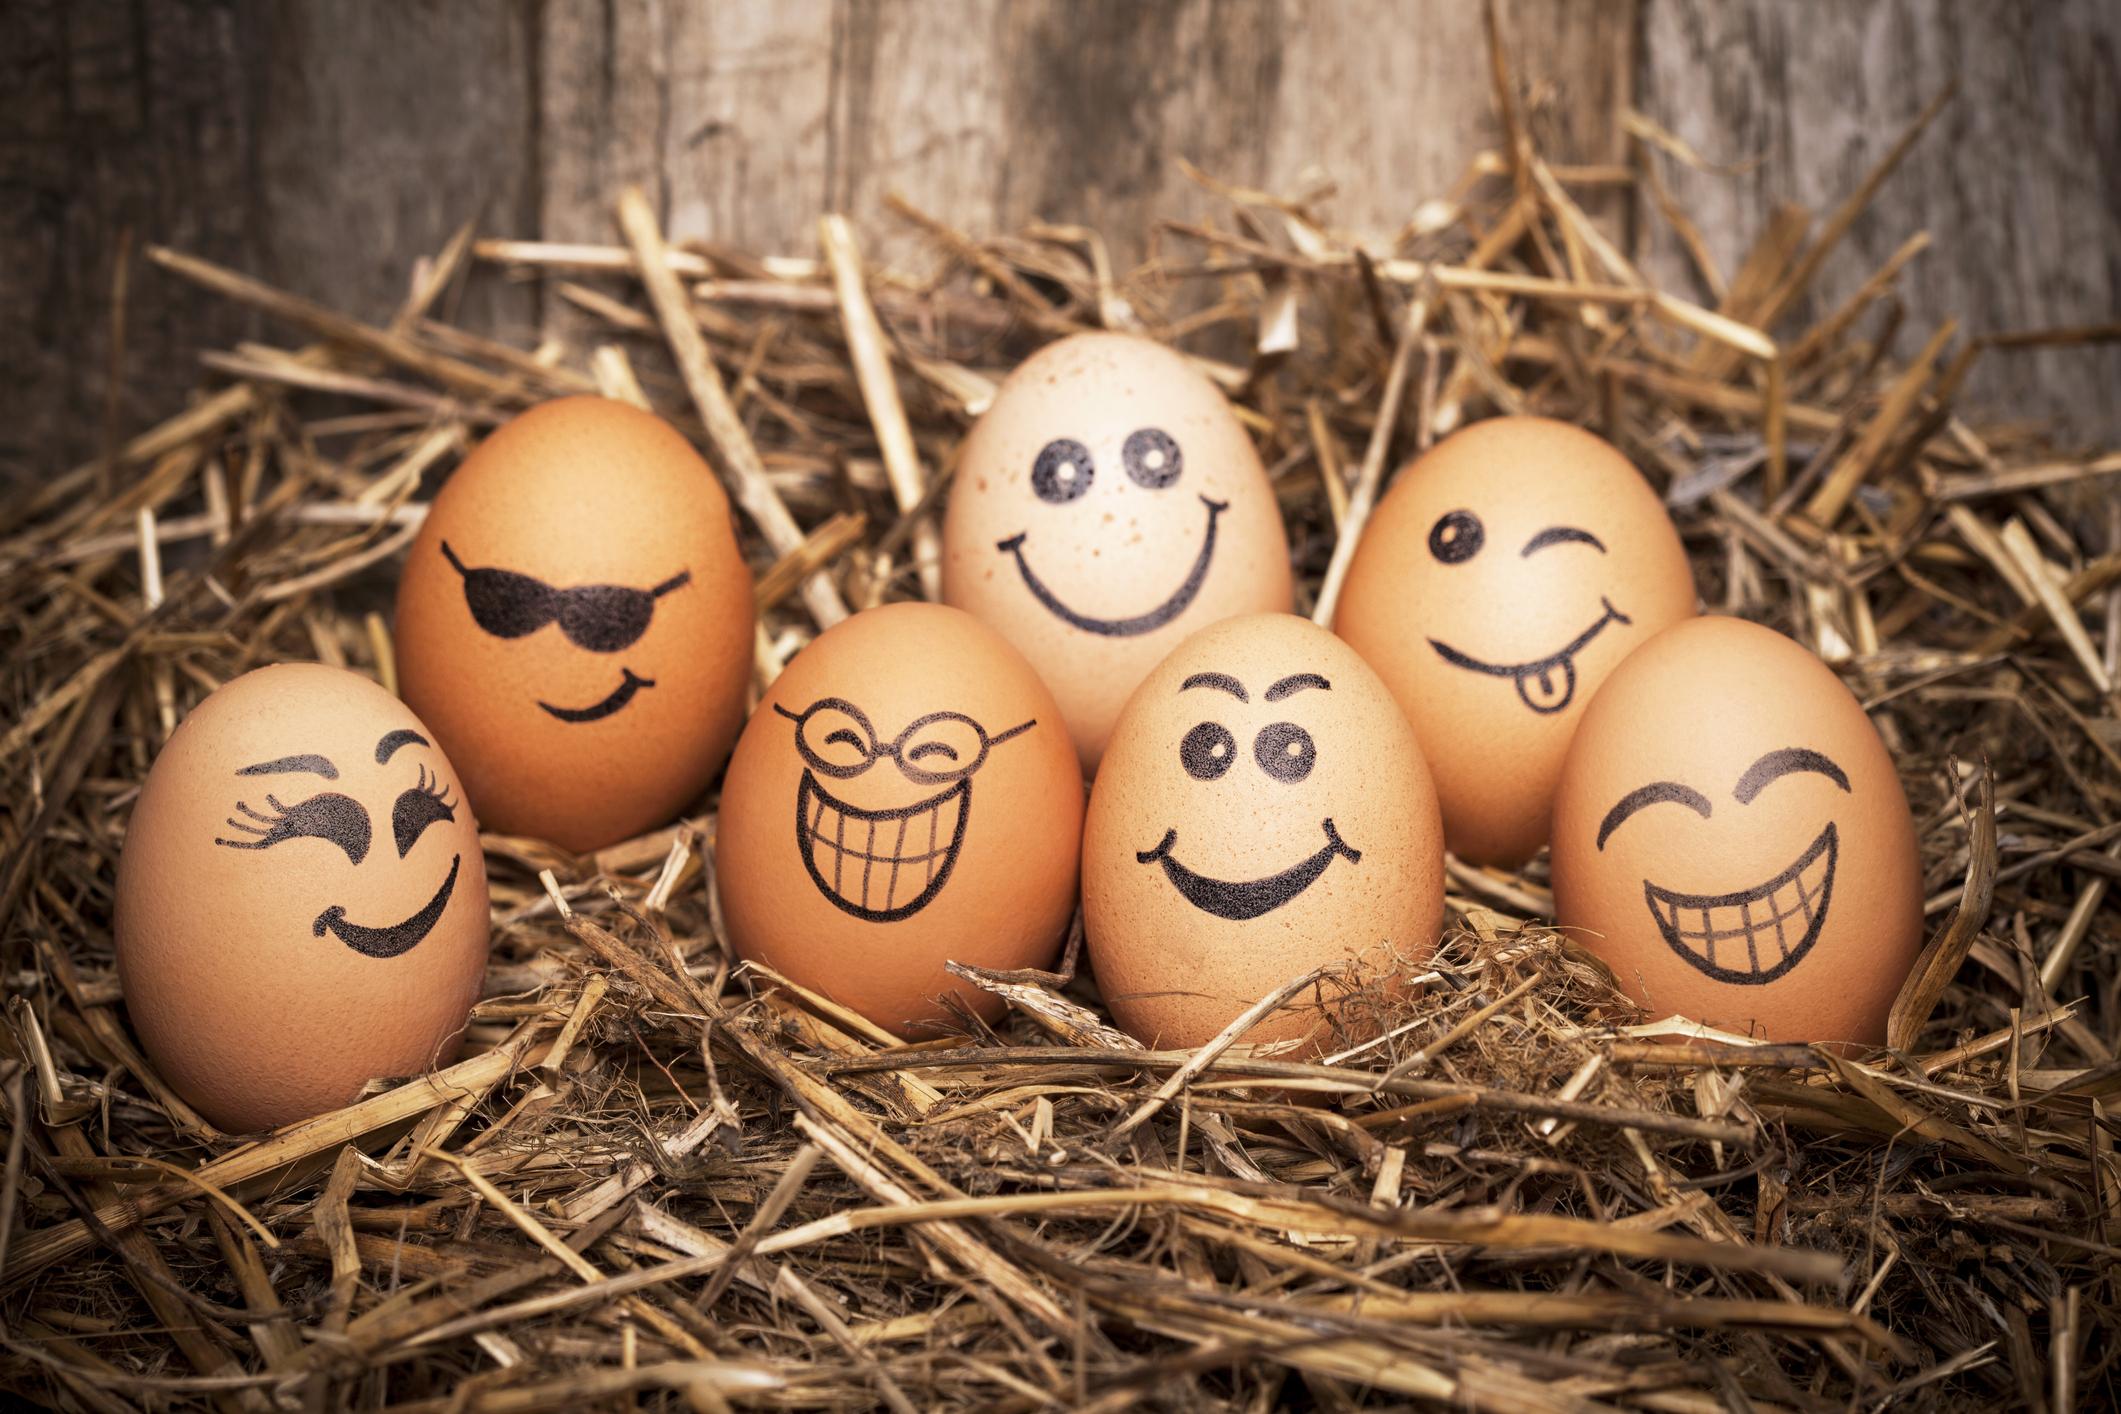 <p>Старо еврейско суеверие гласи, че консумирането на яйце с два жълтъка ще ви благослови с много деца. В Европа по-суеверните земеделски производители &bdquo;засаждат&ldquo; яйца в своите полета или хвърлят яйчени черупки между редиците на културите, за да си осигурят добра реколта.</p>